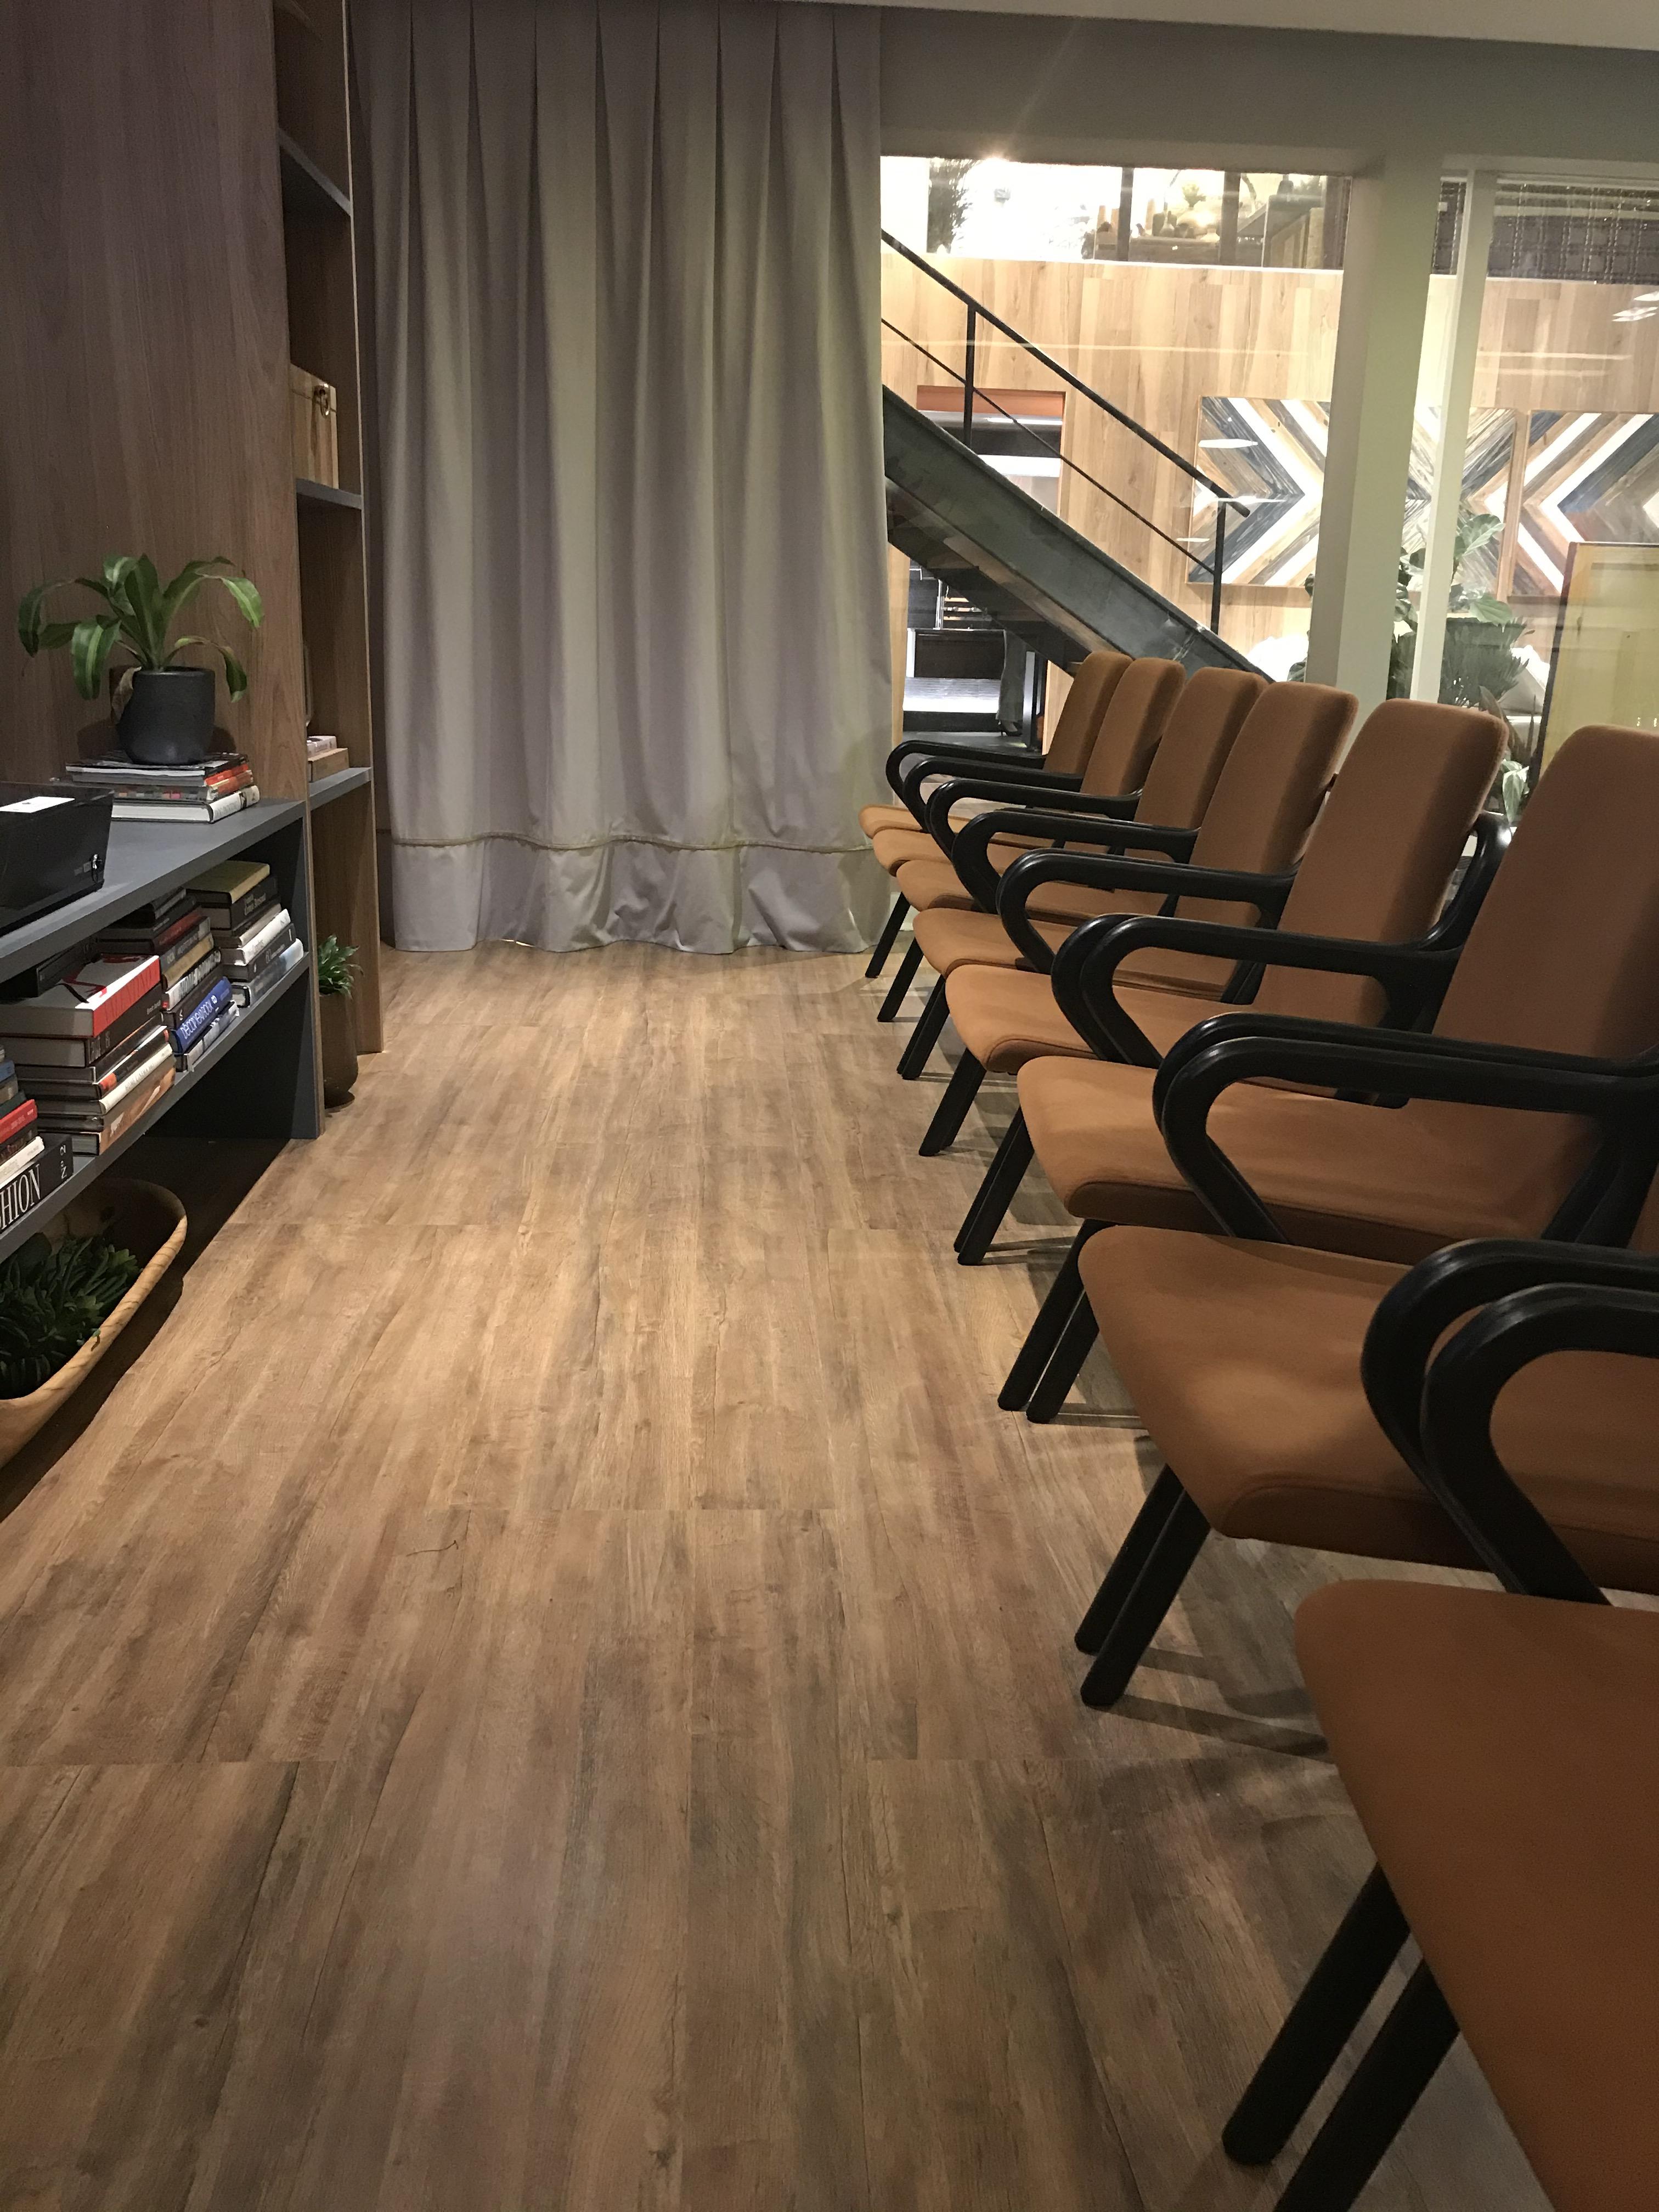 sala com parede cinza, Boiserie, piso que imita madeira  Piso Laminado Gran Elegance Carvalho Ouro